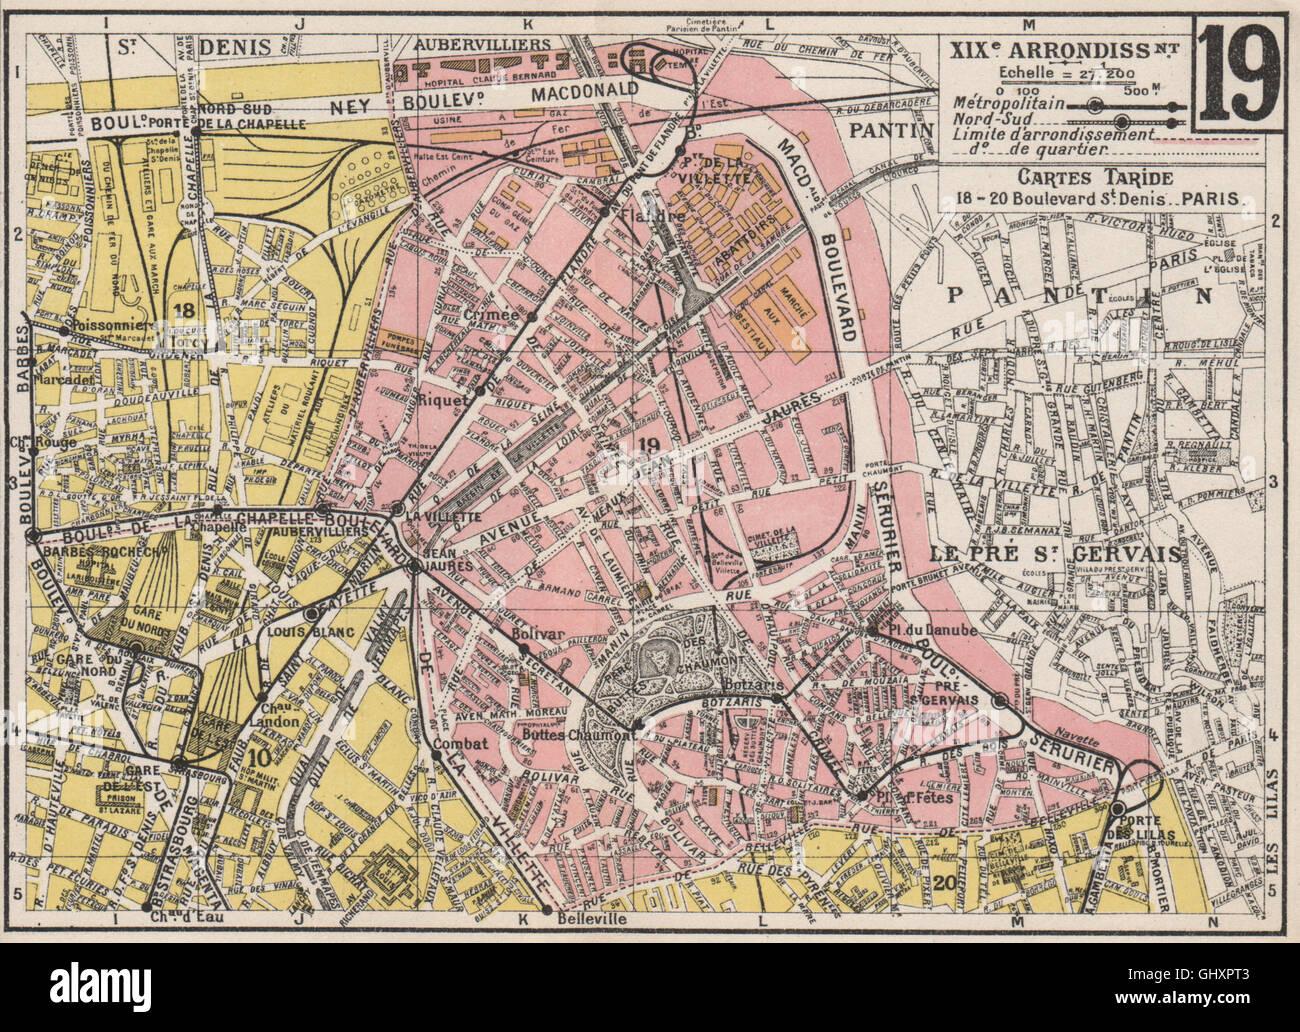 Carte Buttes Chaumont.Paris 19e 19e Xixe Arrondissement Buttes Chaumont Ancienne Carte